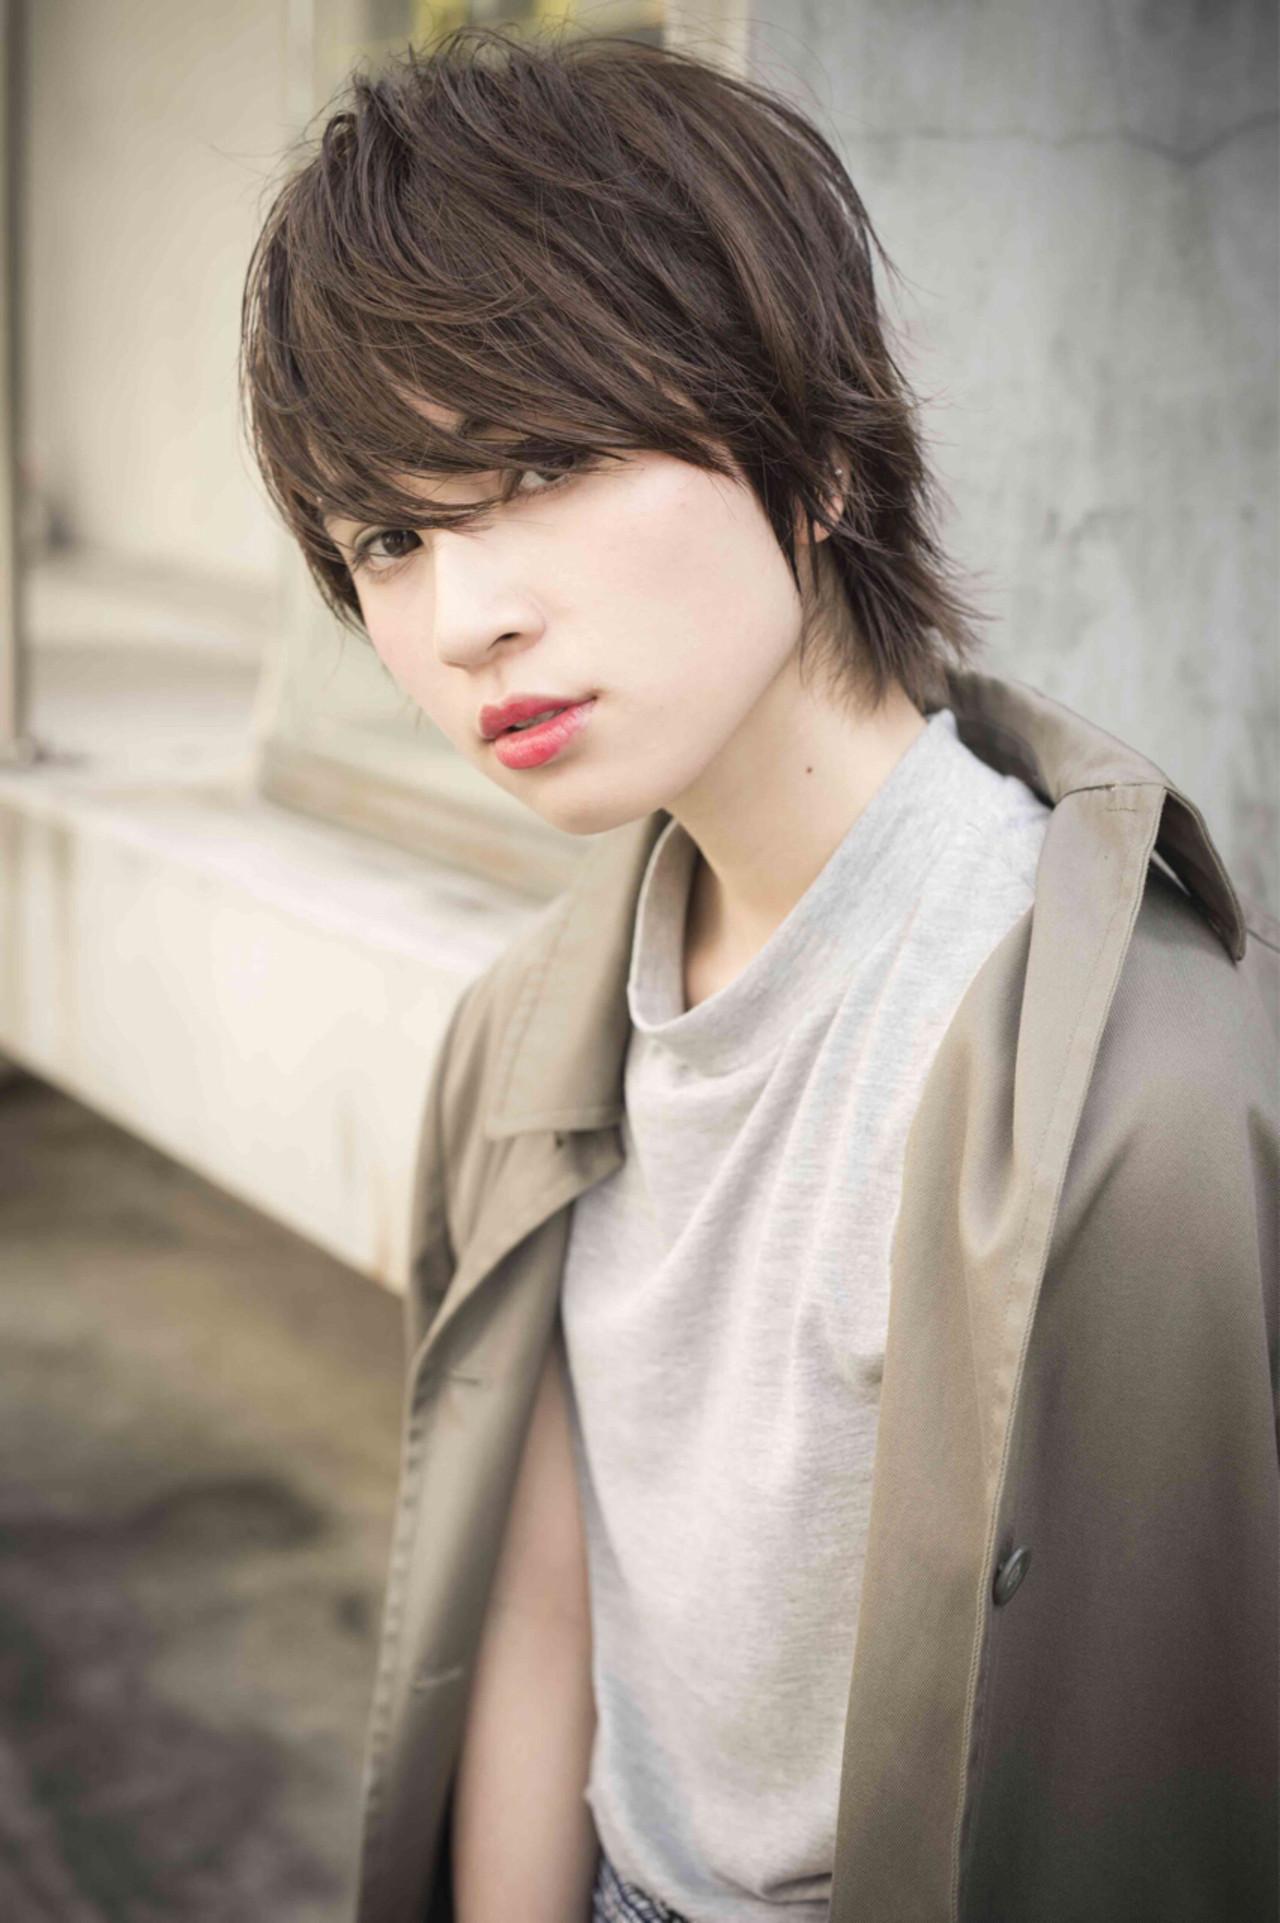 ボーイッシュな髪型ならハンサムショートがおしゃれ女子にオススメ♡ 【hair】